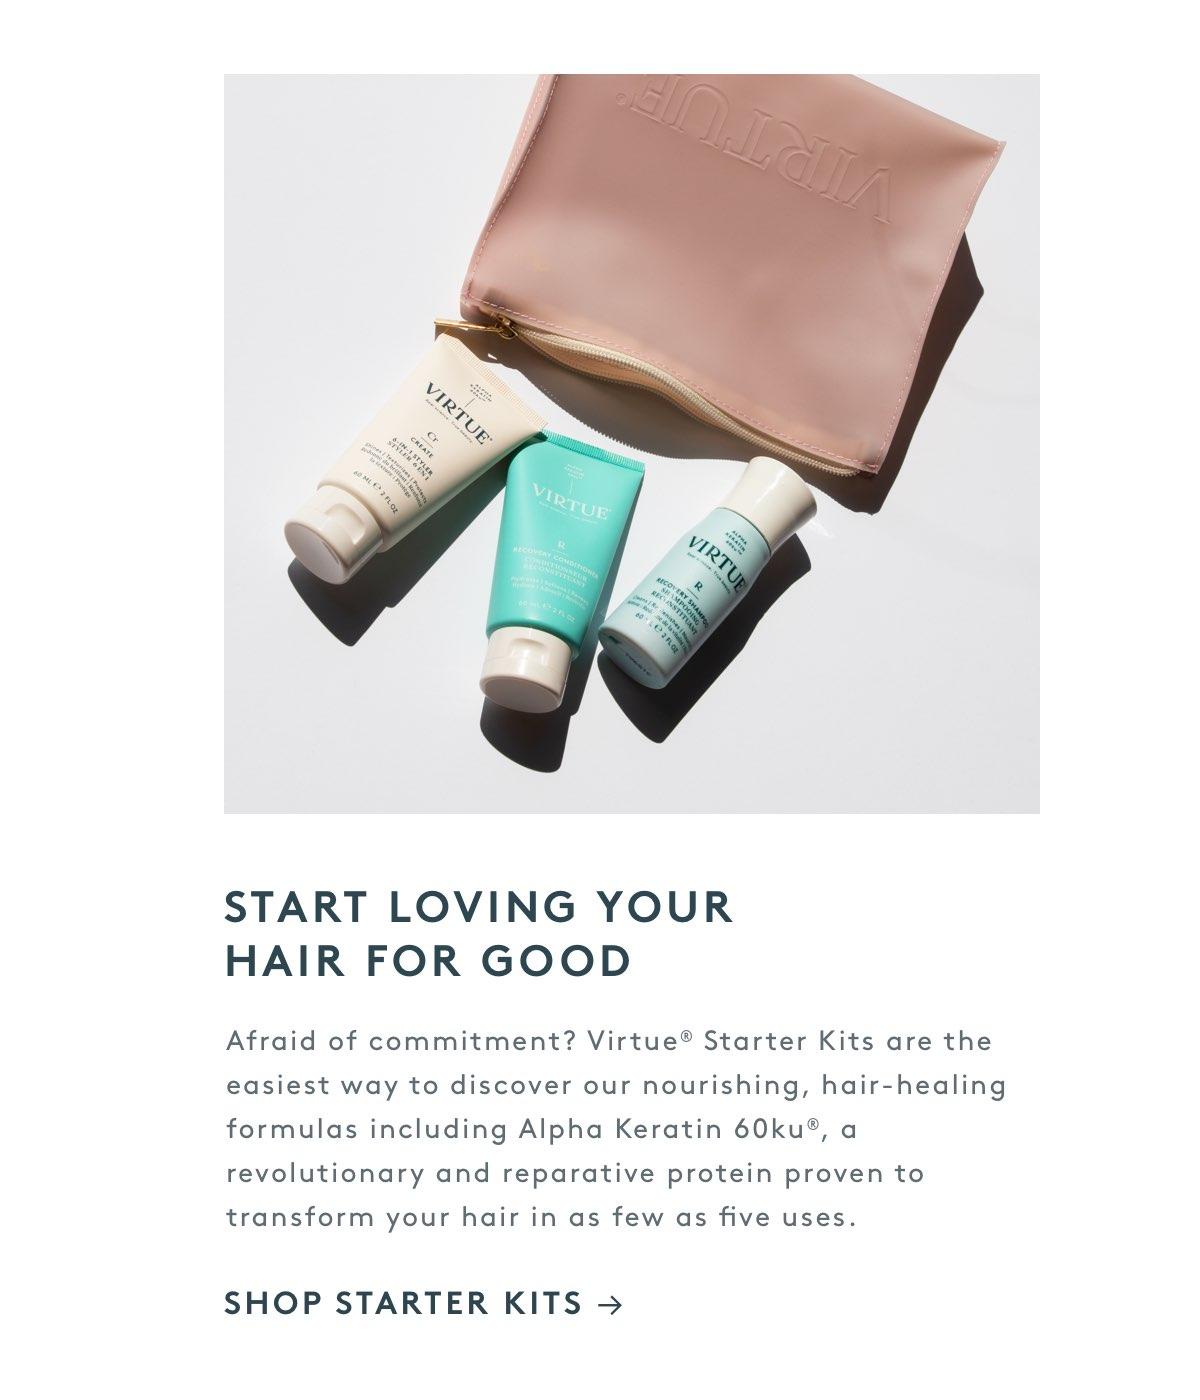 Start Loving Your Hair For Good